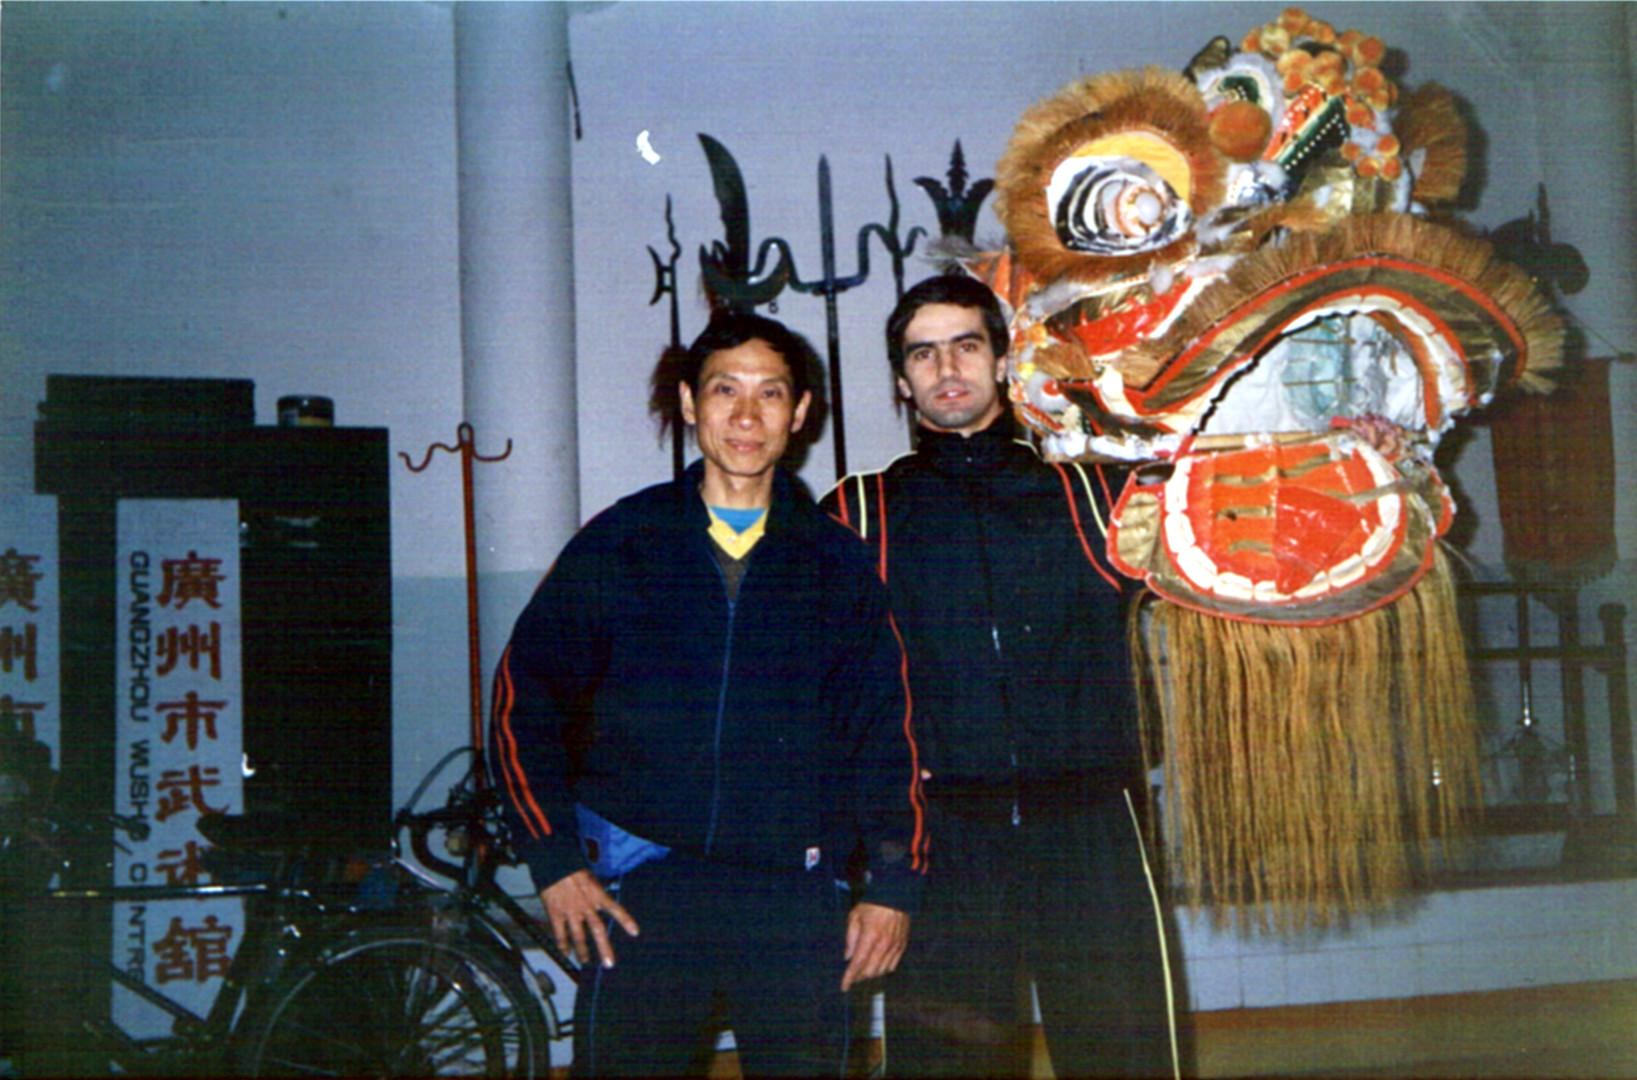 1989 SIFU HONG TAK HUNG SIFU